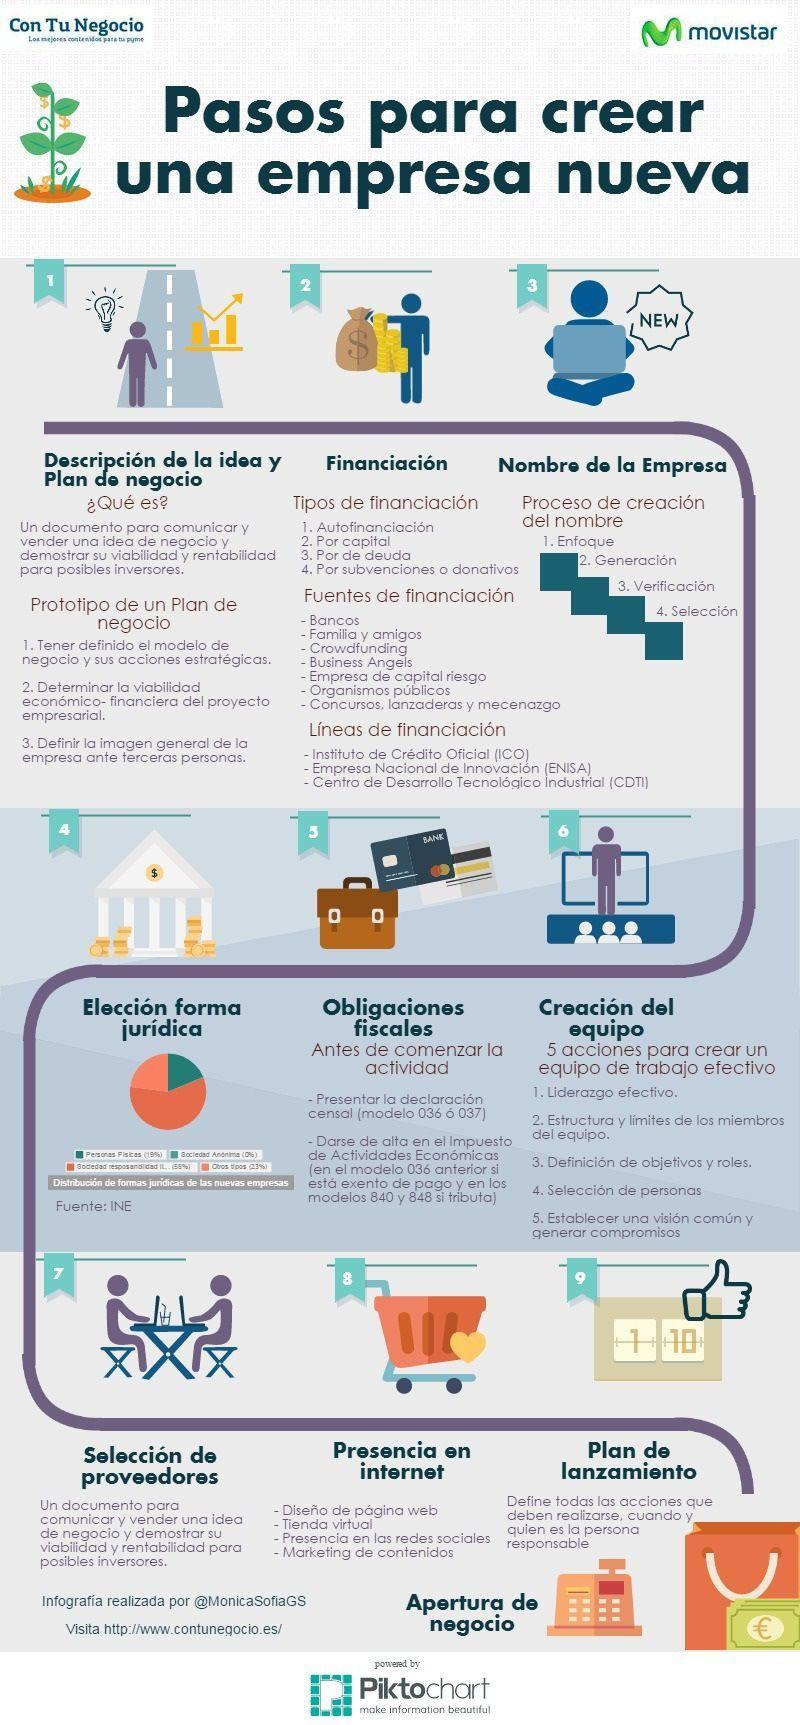 Pasos para crear una empresa nueva infografia